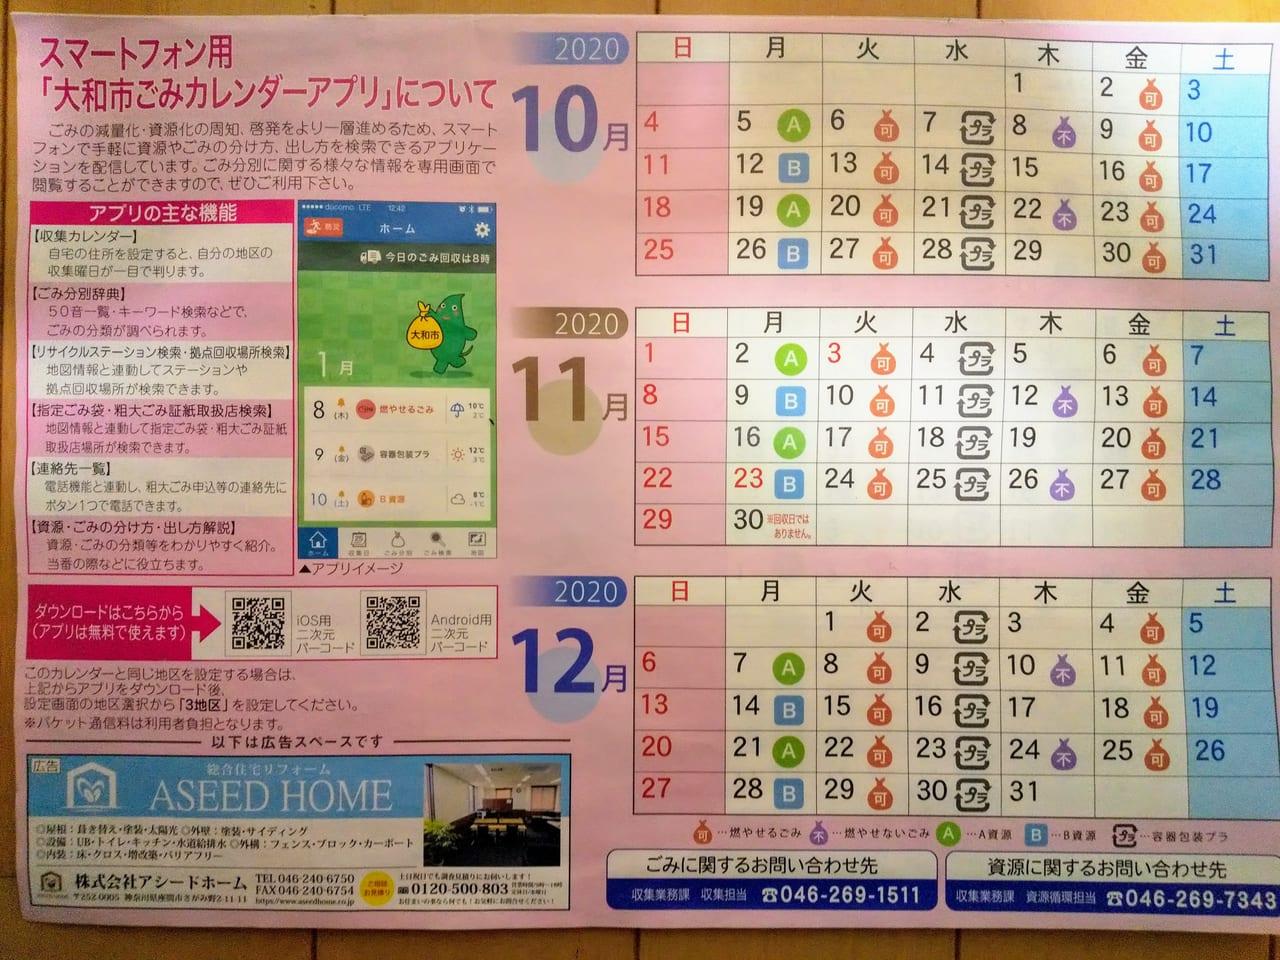 川口 市 ゴミ カレンダー 2020